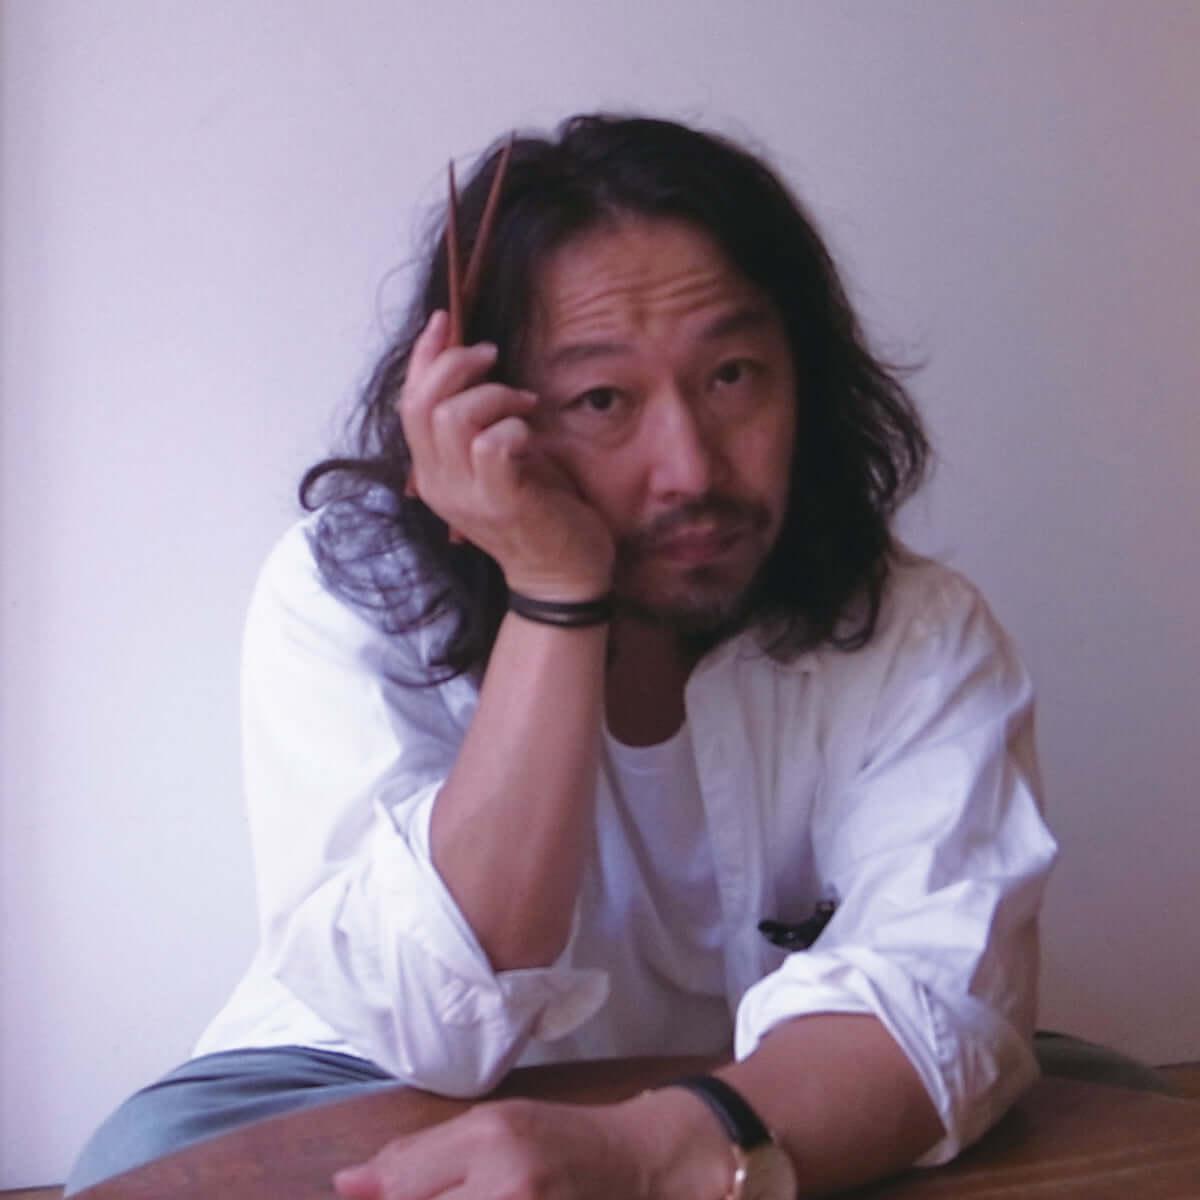 WWW、WWW Xで開催される「Alternative Tokyo」全ラインナップが発表 SOKABEKEIICHIheavenA-sya-1200x1200